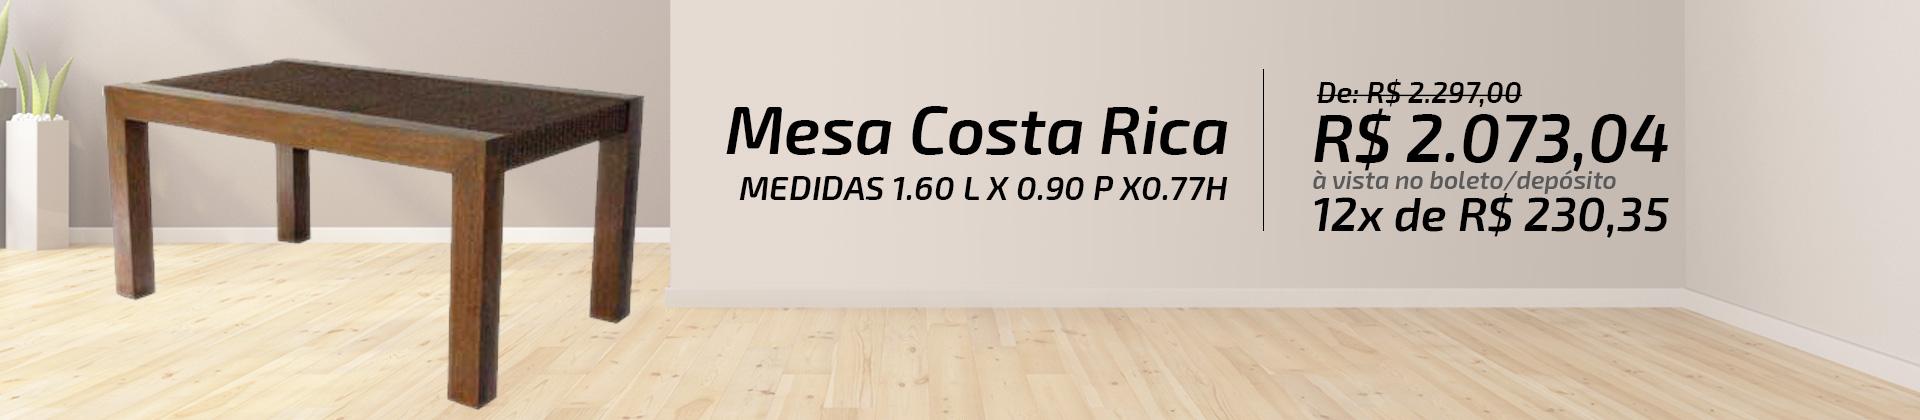 MESA COSTA RICA